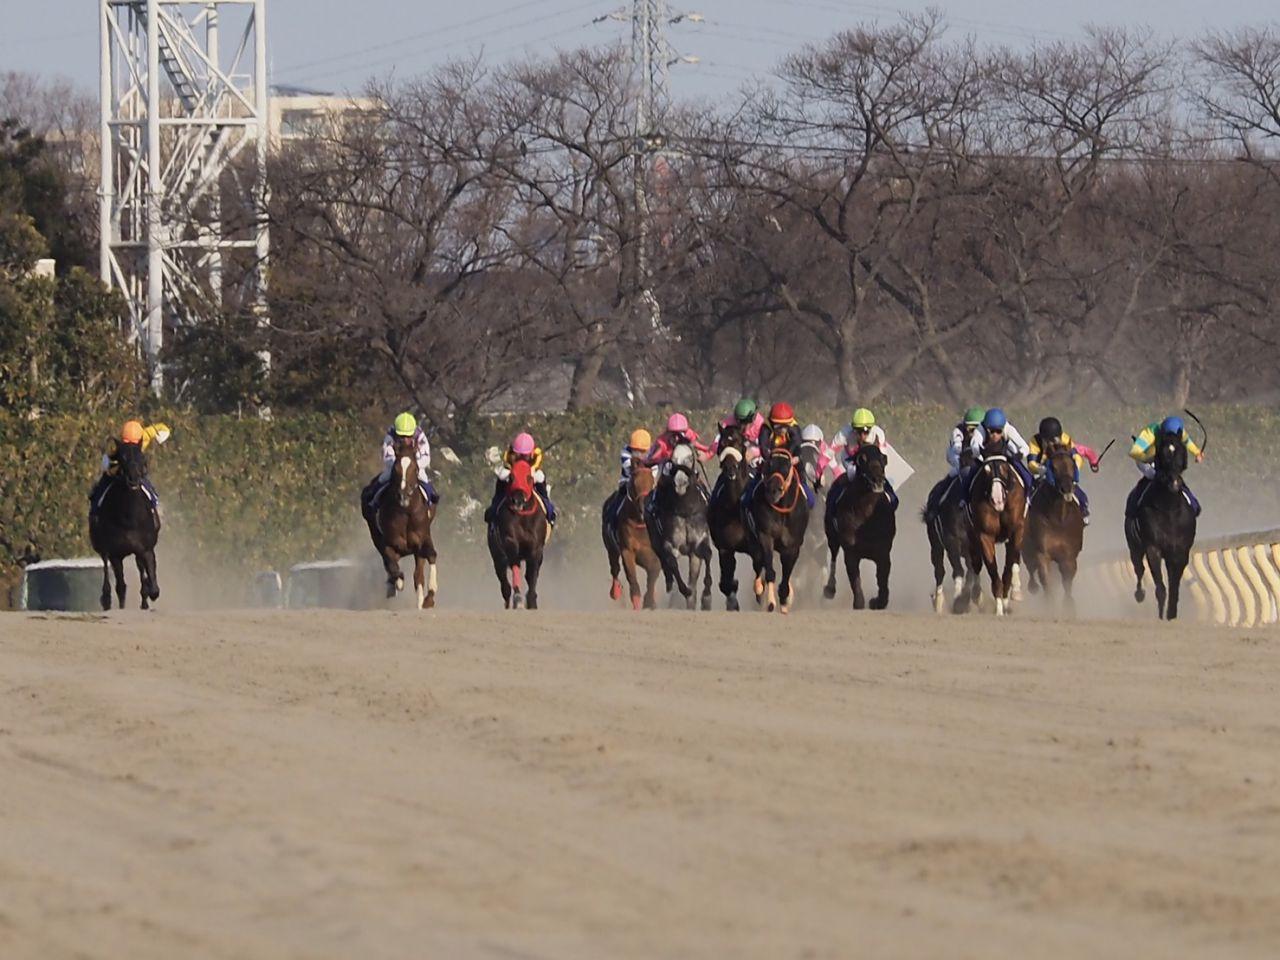 【フェブラリーS】菜七子「泣きそうにはなりました」G1初騎乗は果敢に追い込み大健闘の5着